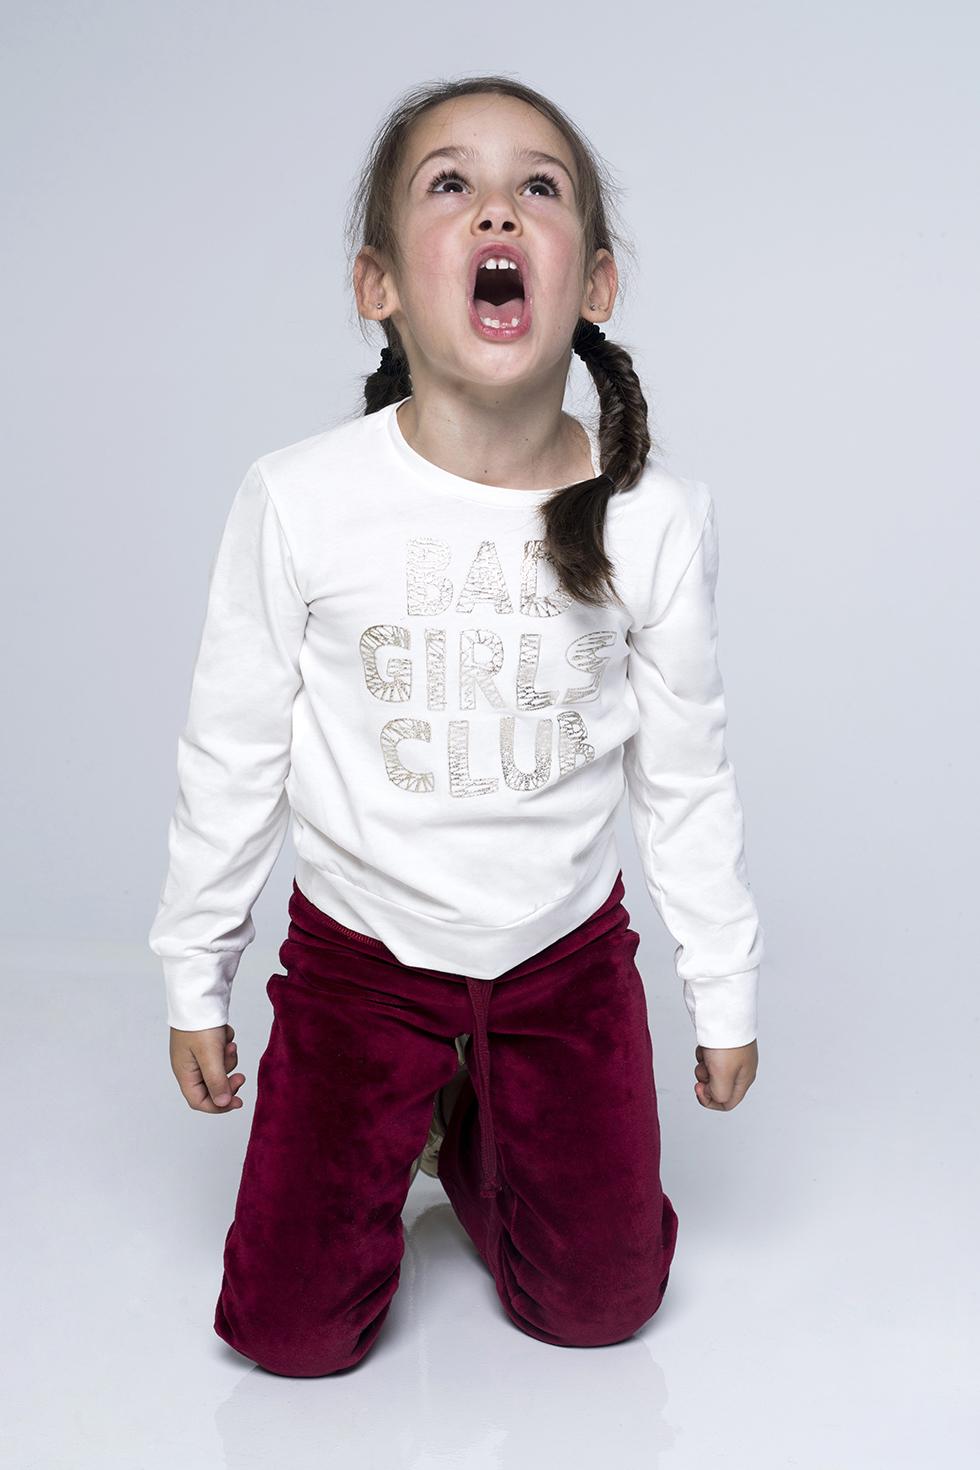 ΠΑΙΔΙΚΟ ΜΠΛΟΥΖΑΚΙ 'BAD GIRLS CLUB' - ΛΕΥΚΟ ΤΟΥ ΠΑΓΟΥ